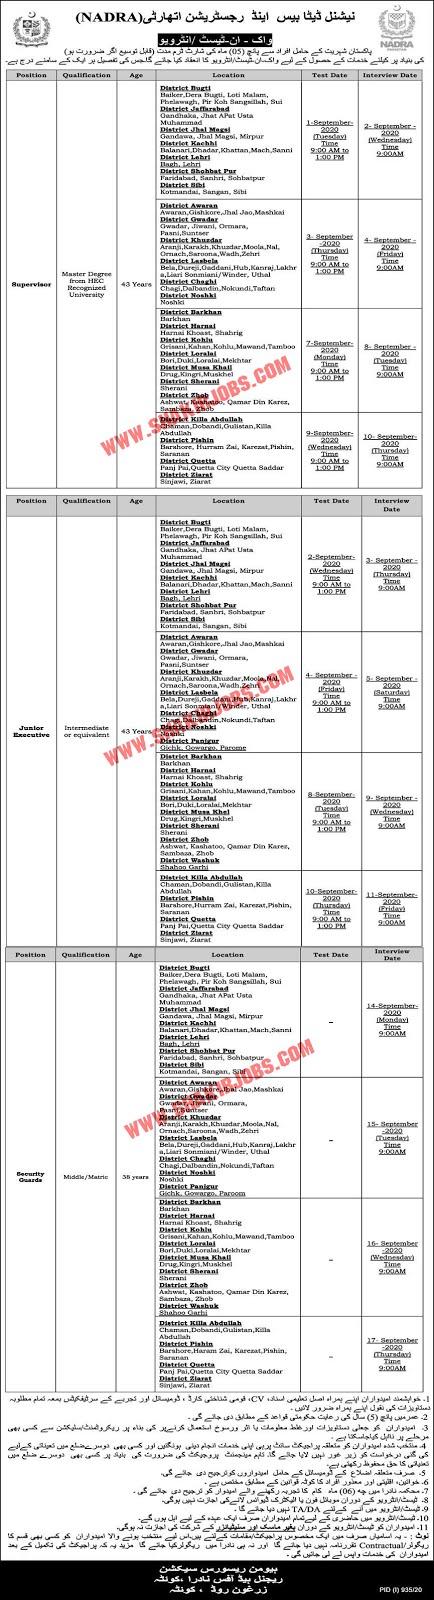 Jobs in NADRA Jobs September 2020 (120 Posts)